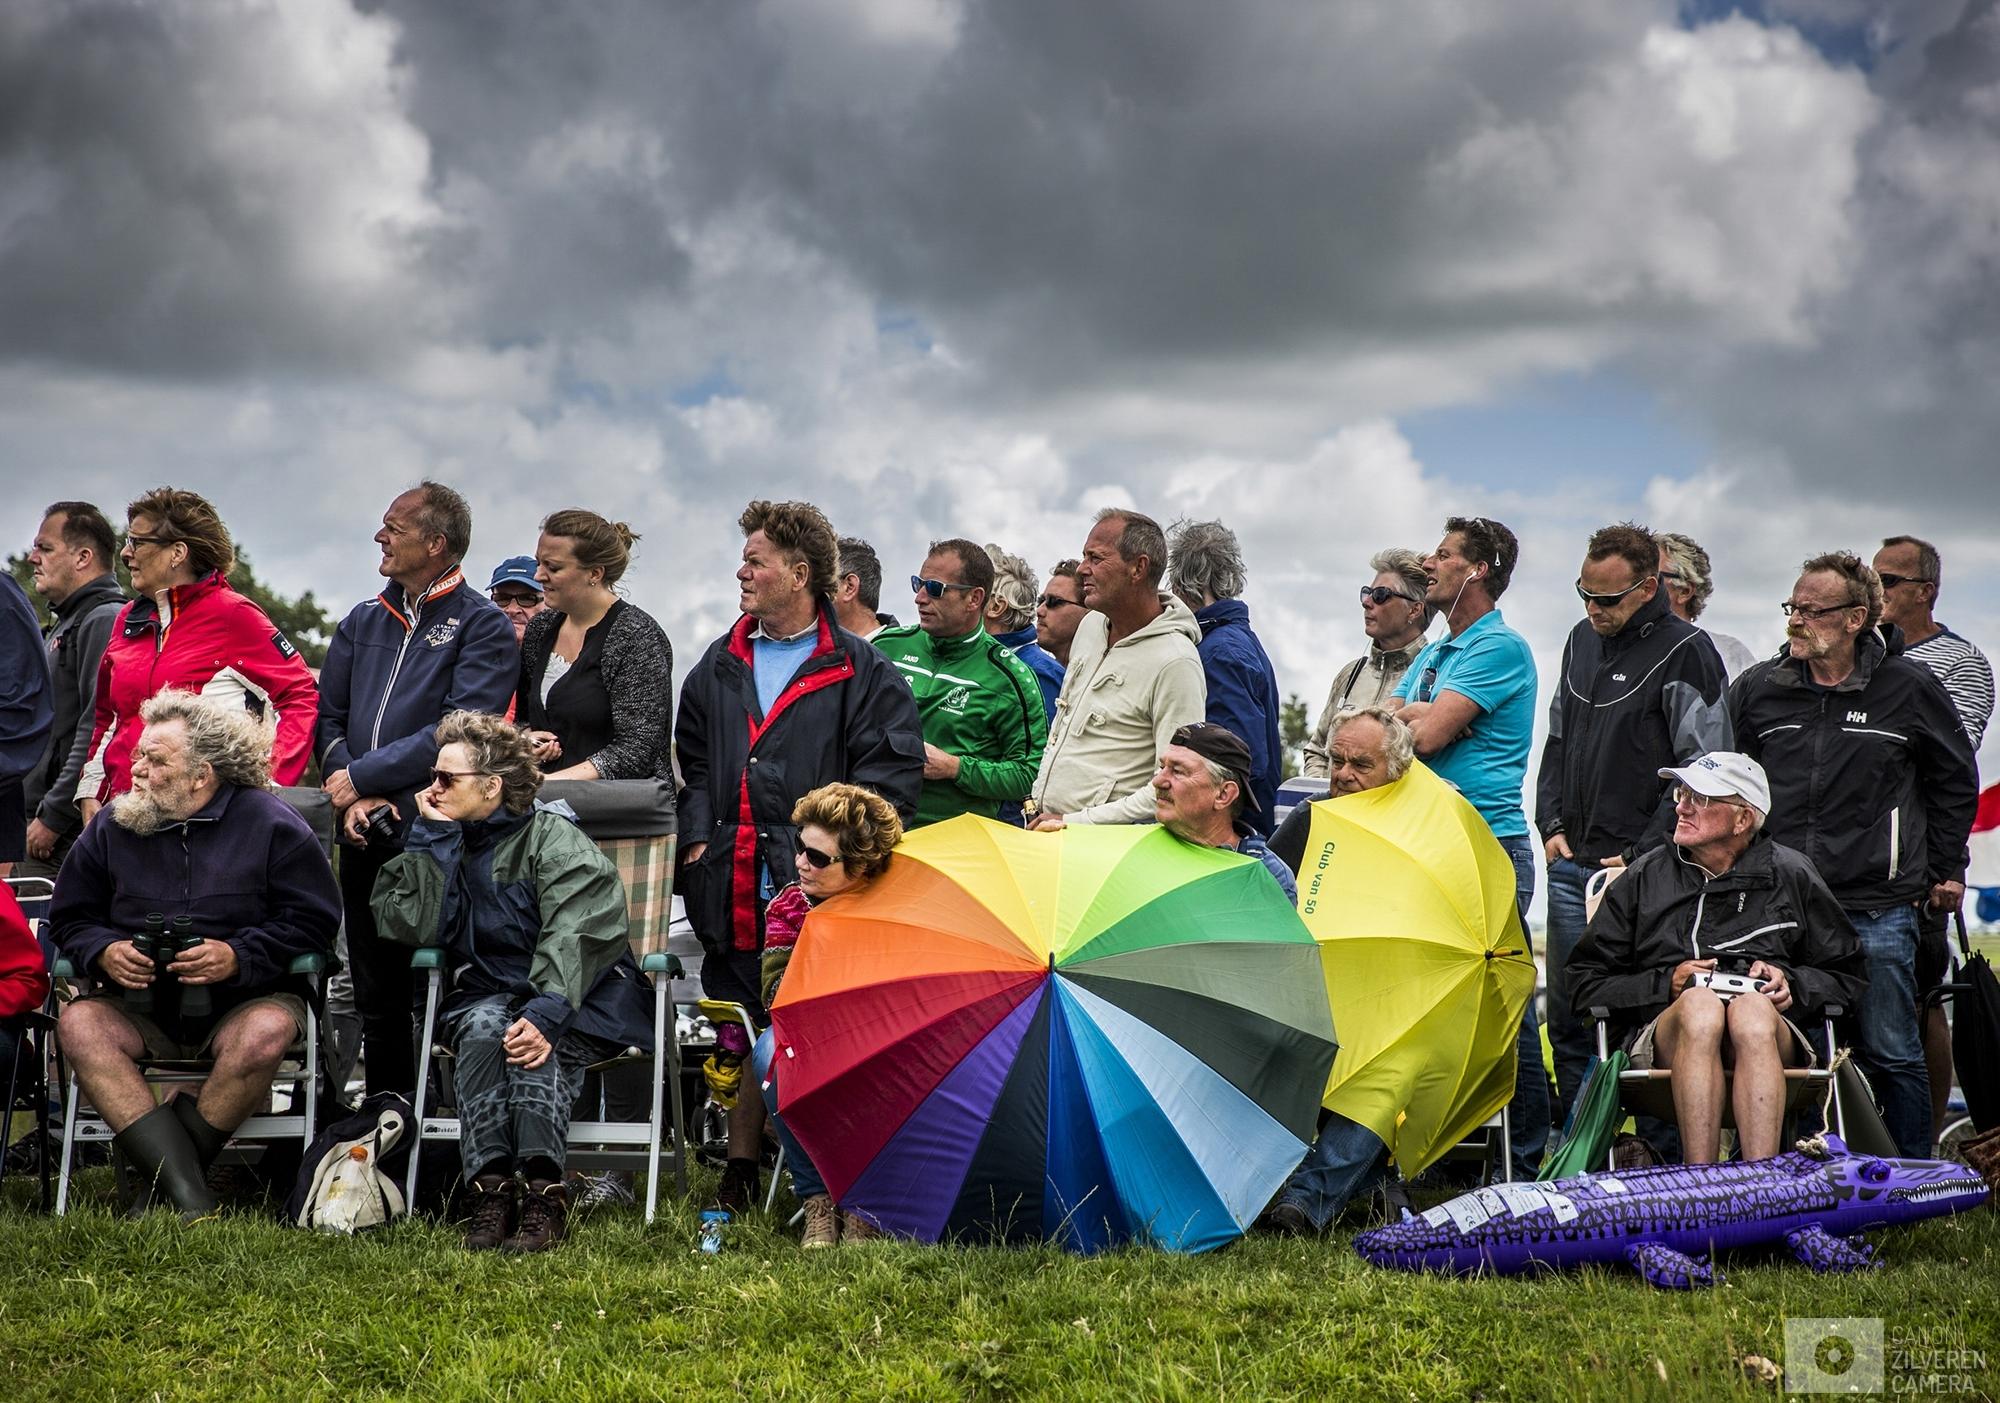 ELAHUIZEN - De zesde wedstrijd van het traditionele skutsjesilen. Twee weken lang strijden 14 traditionele Friese platbodems tegen elkaar op de meren van Friesland.